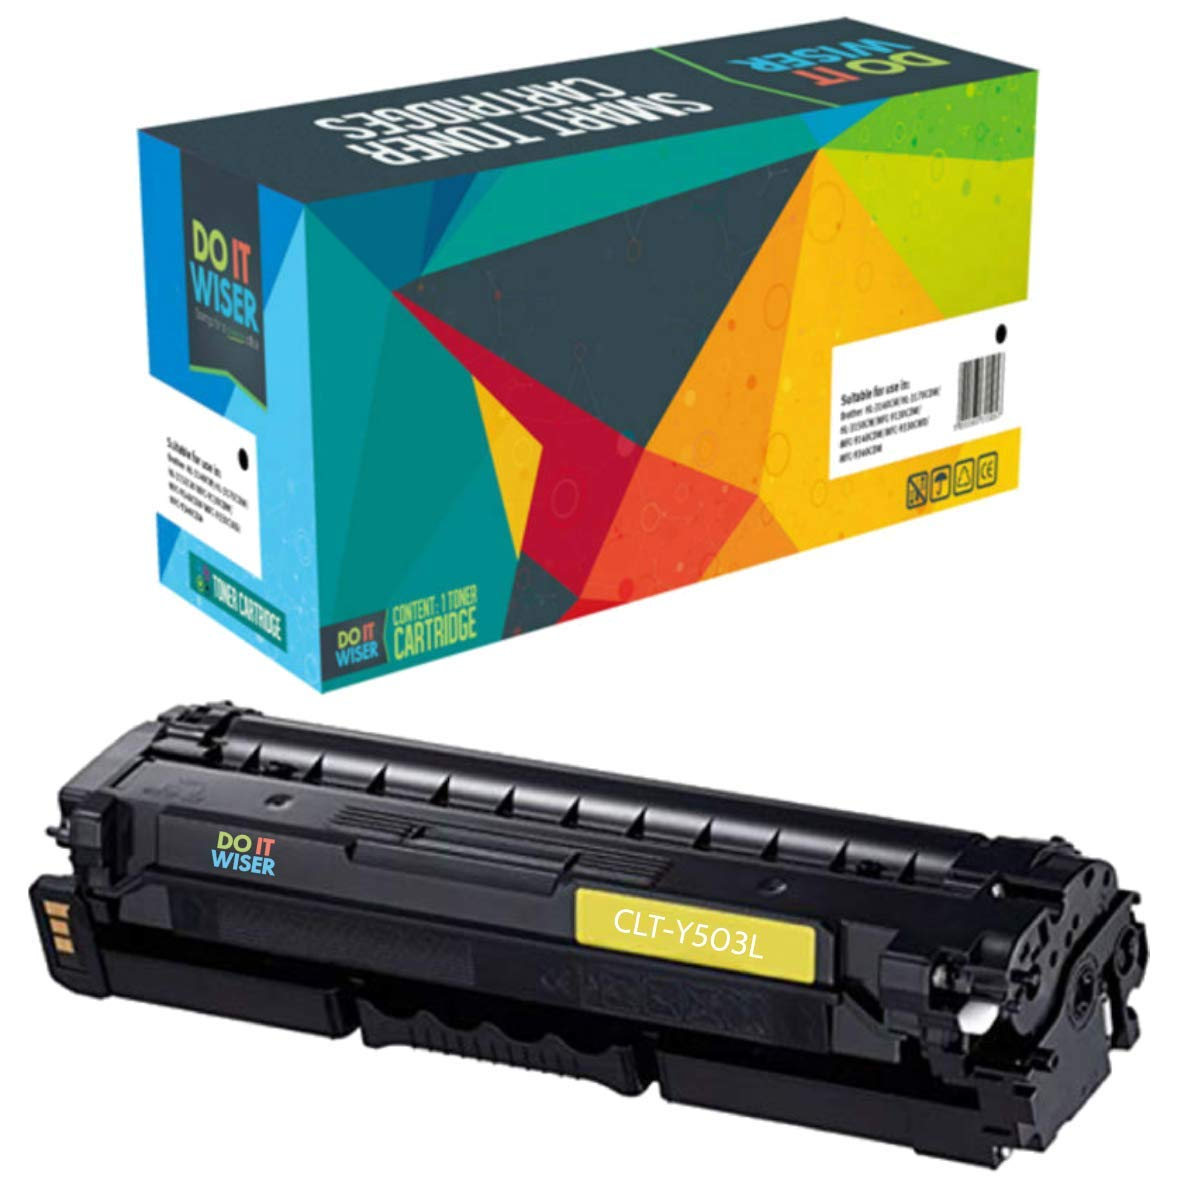 Do it Wiser  tóner CLT Y503L Cartucho de tóner  Compatible para Samsung ProXpress C3060FR C3010ND C3060N - Amarillo d2bb2c